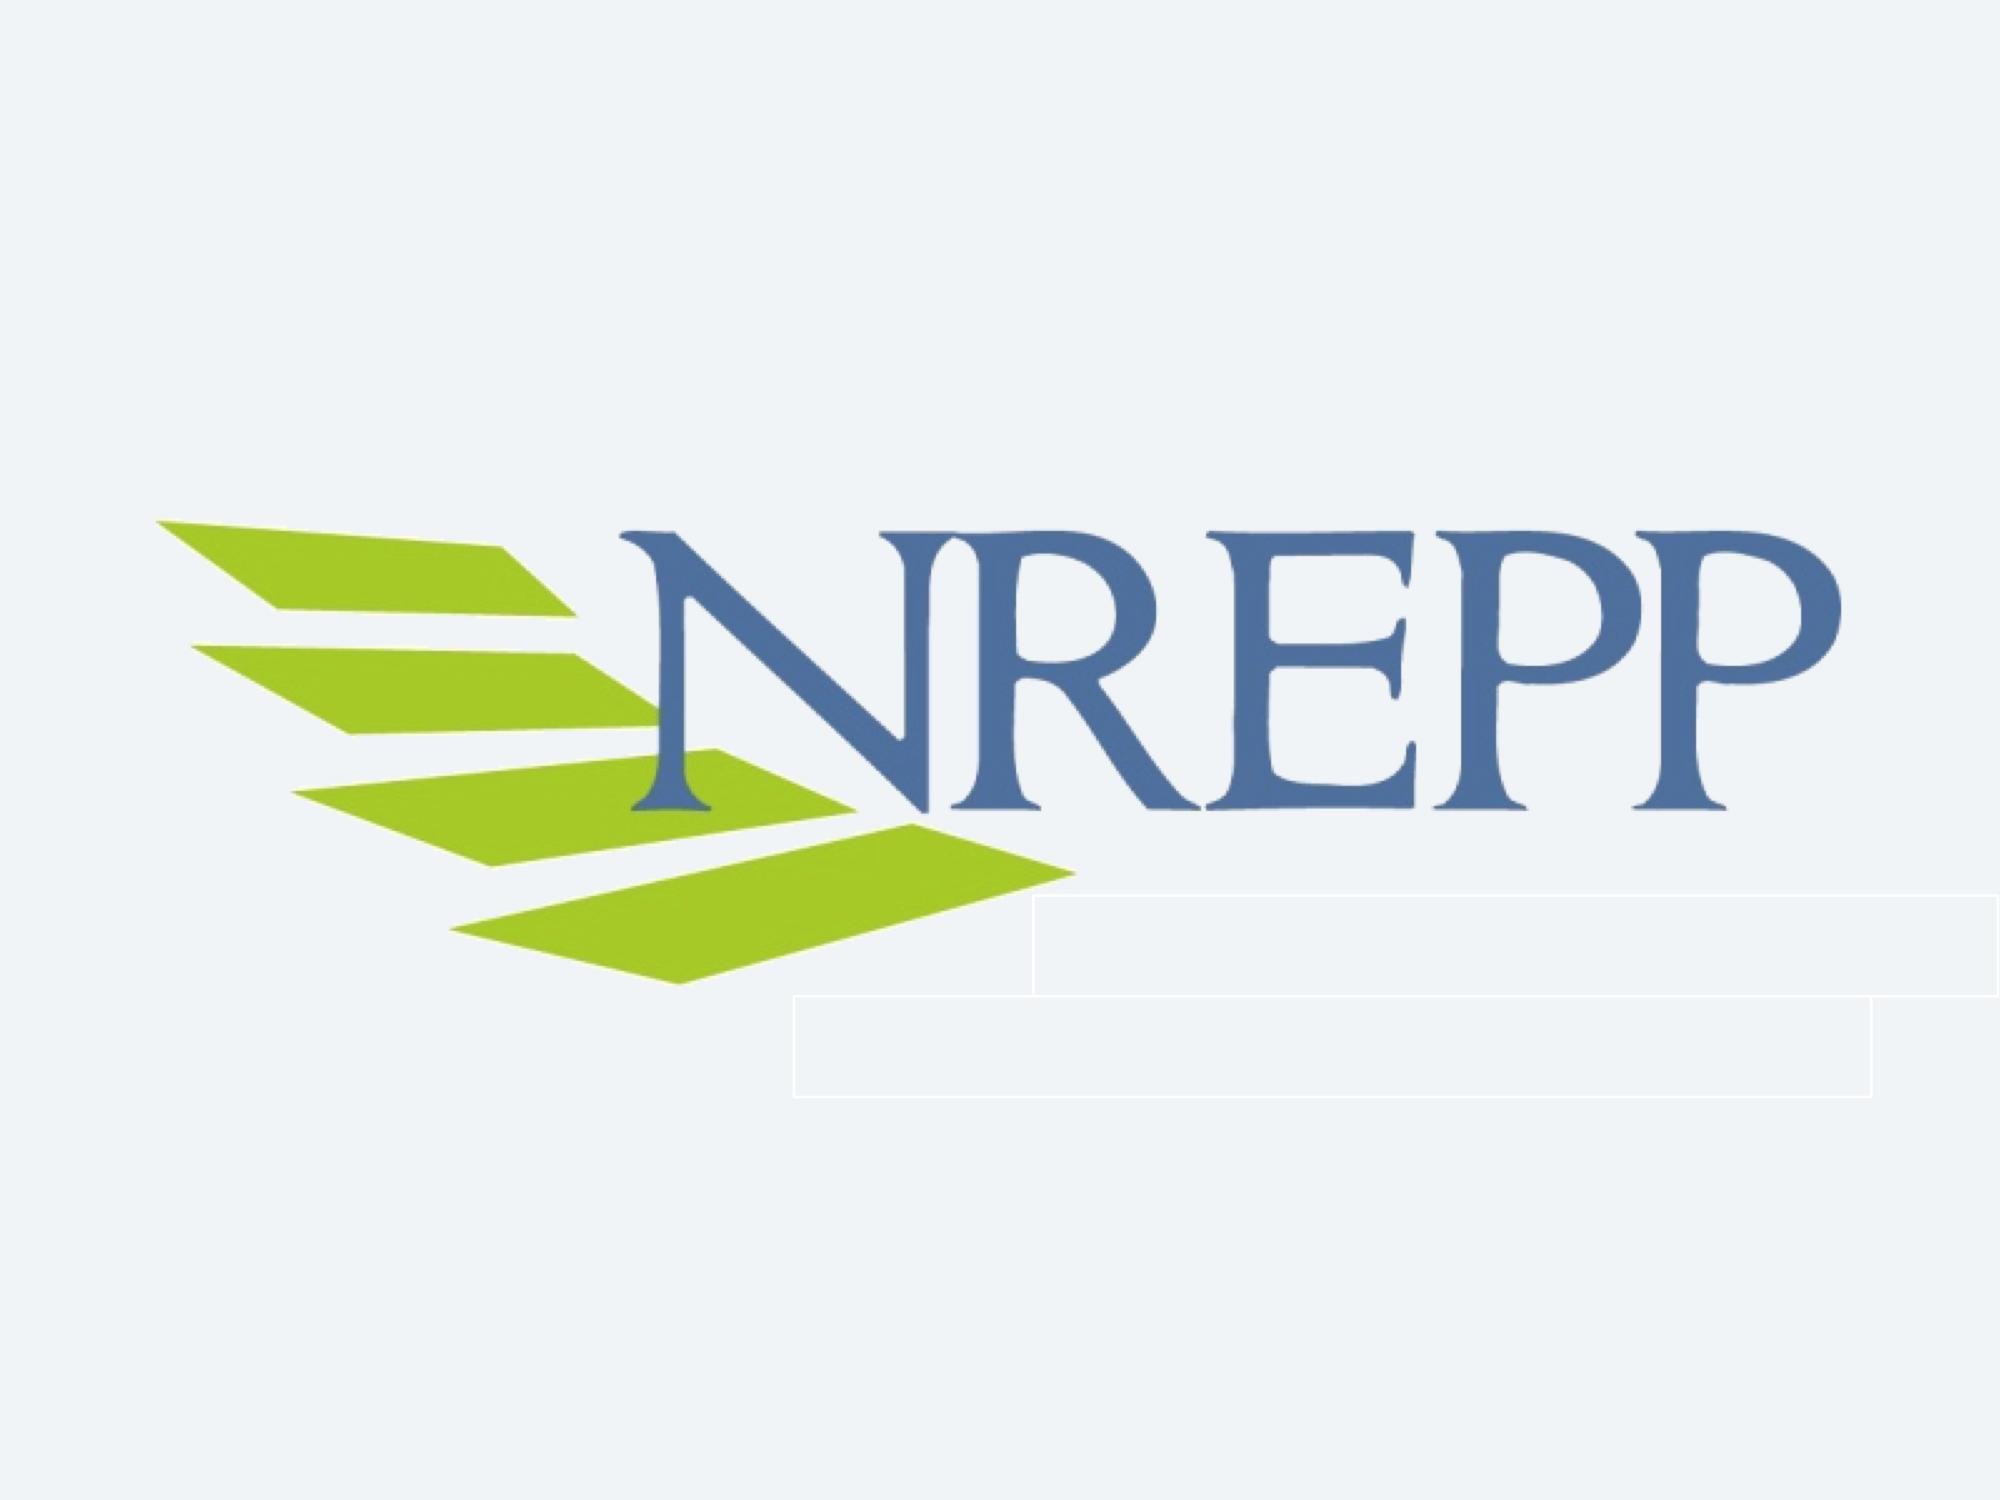 NREPP